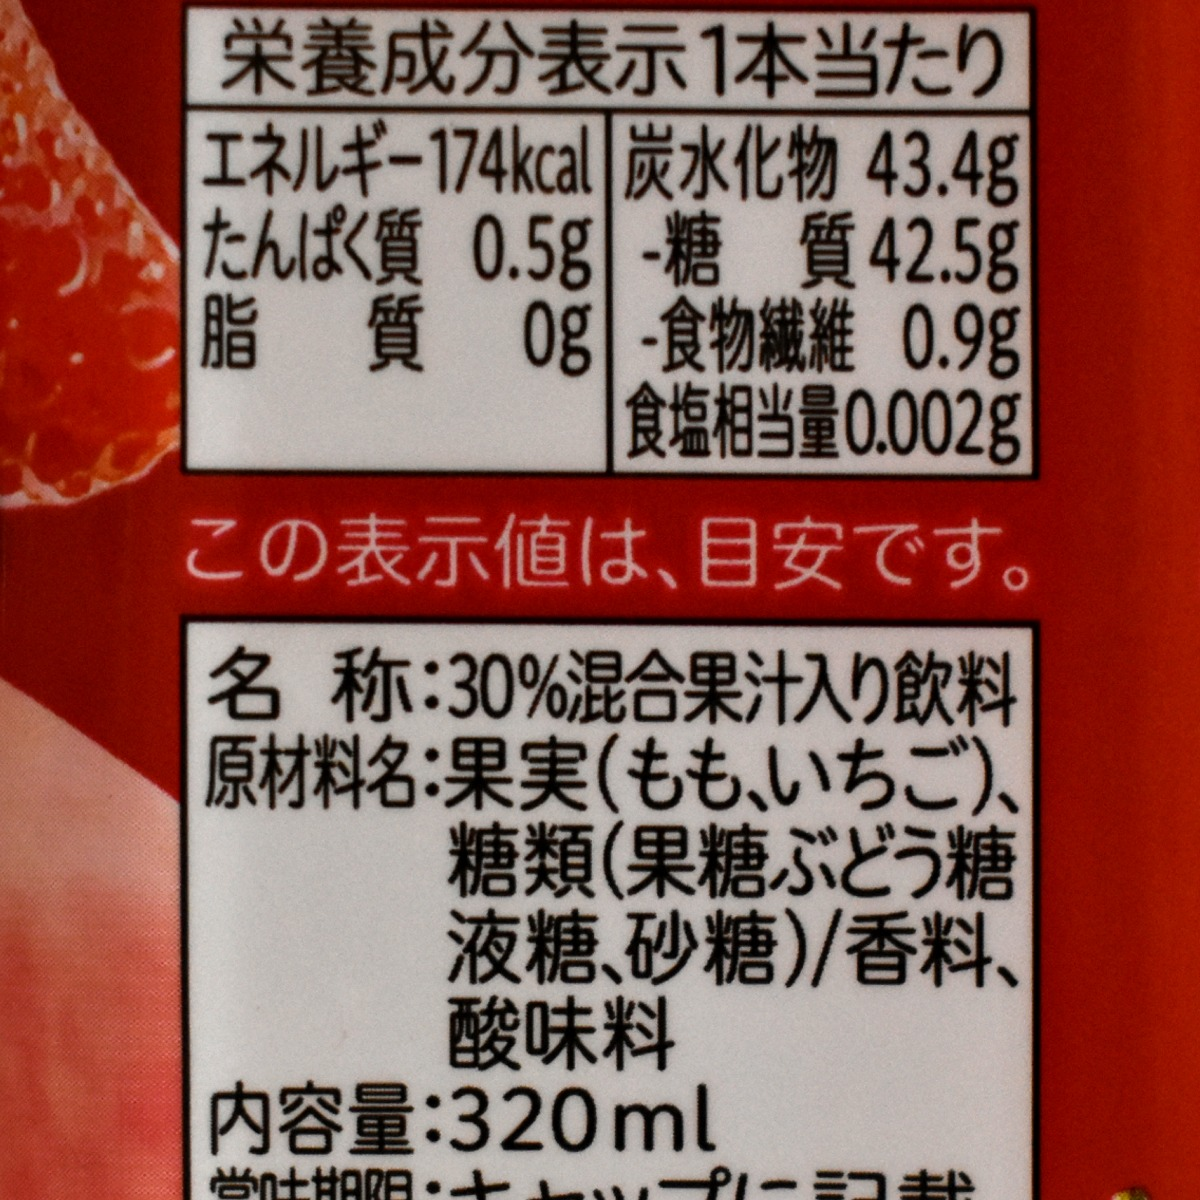 ネクター苺mixの原材料名と栄養成分表示